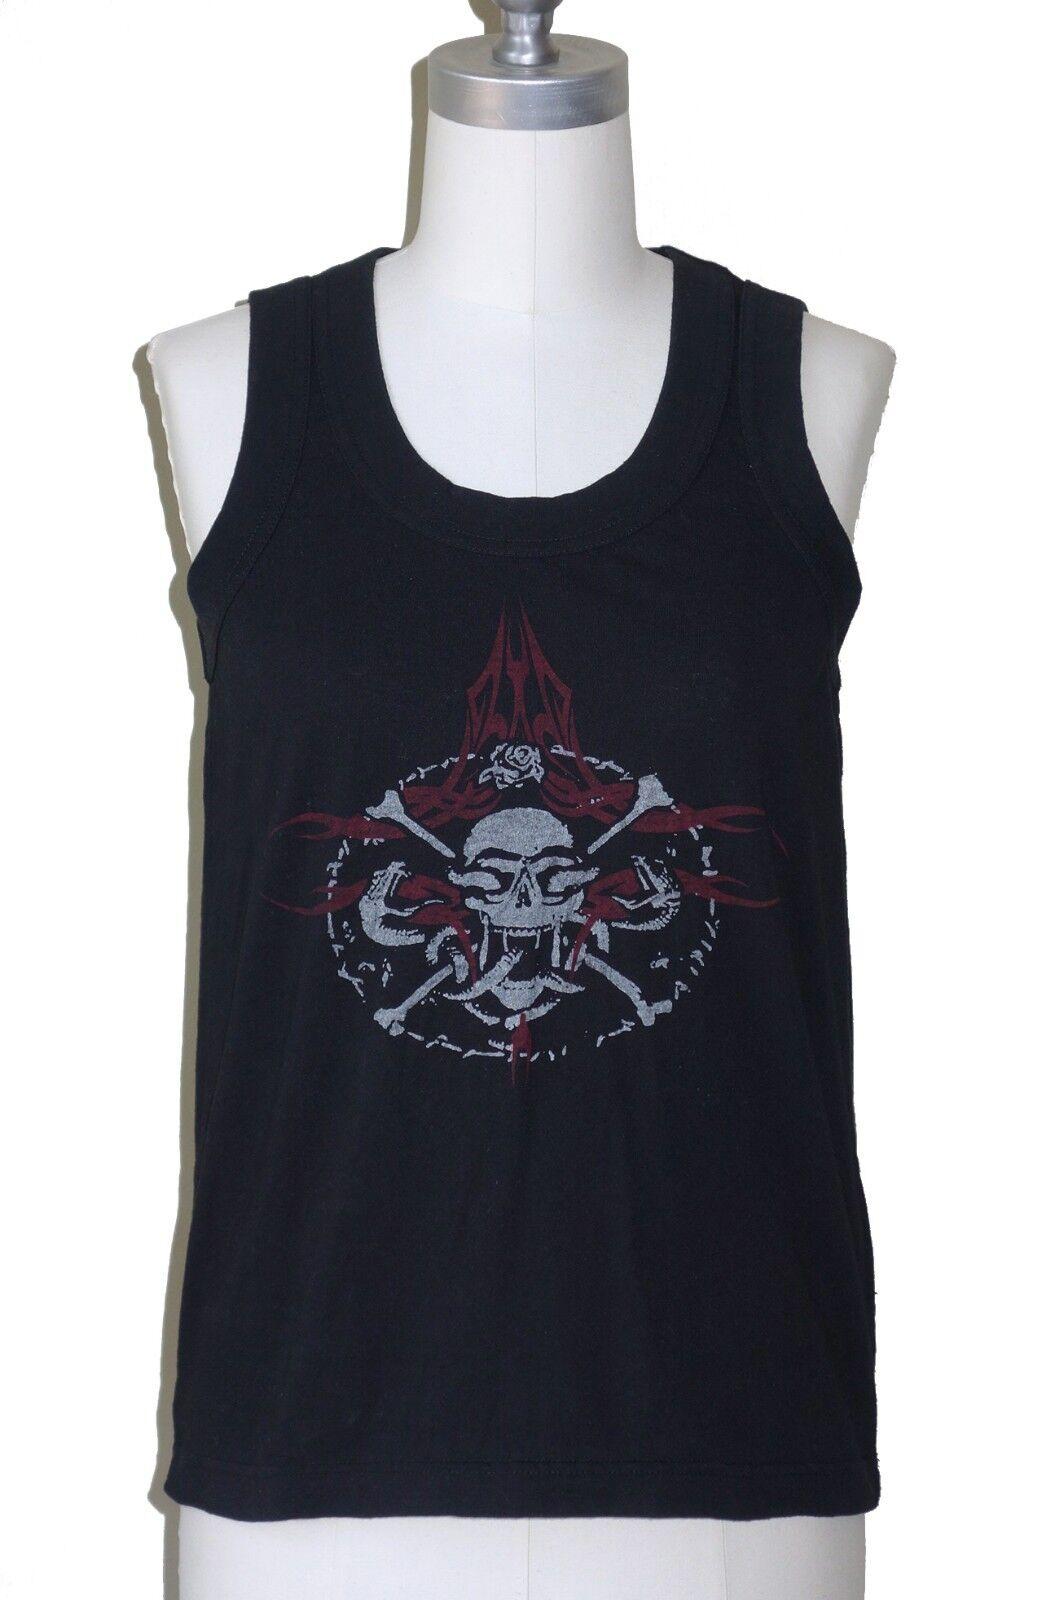 JUNYA WATANABE Comme des Garcons  Skull & Crossbones Print schwarz Tank Top S